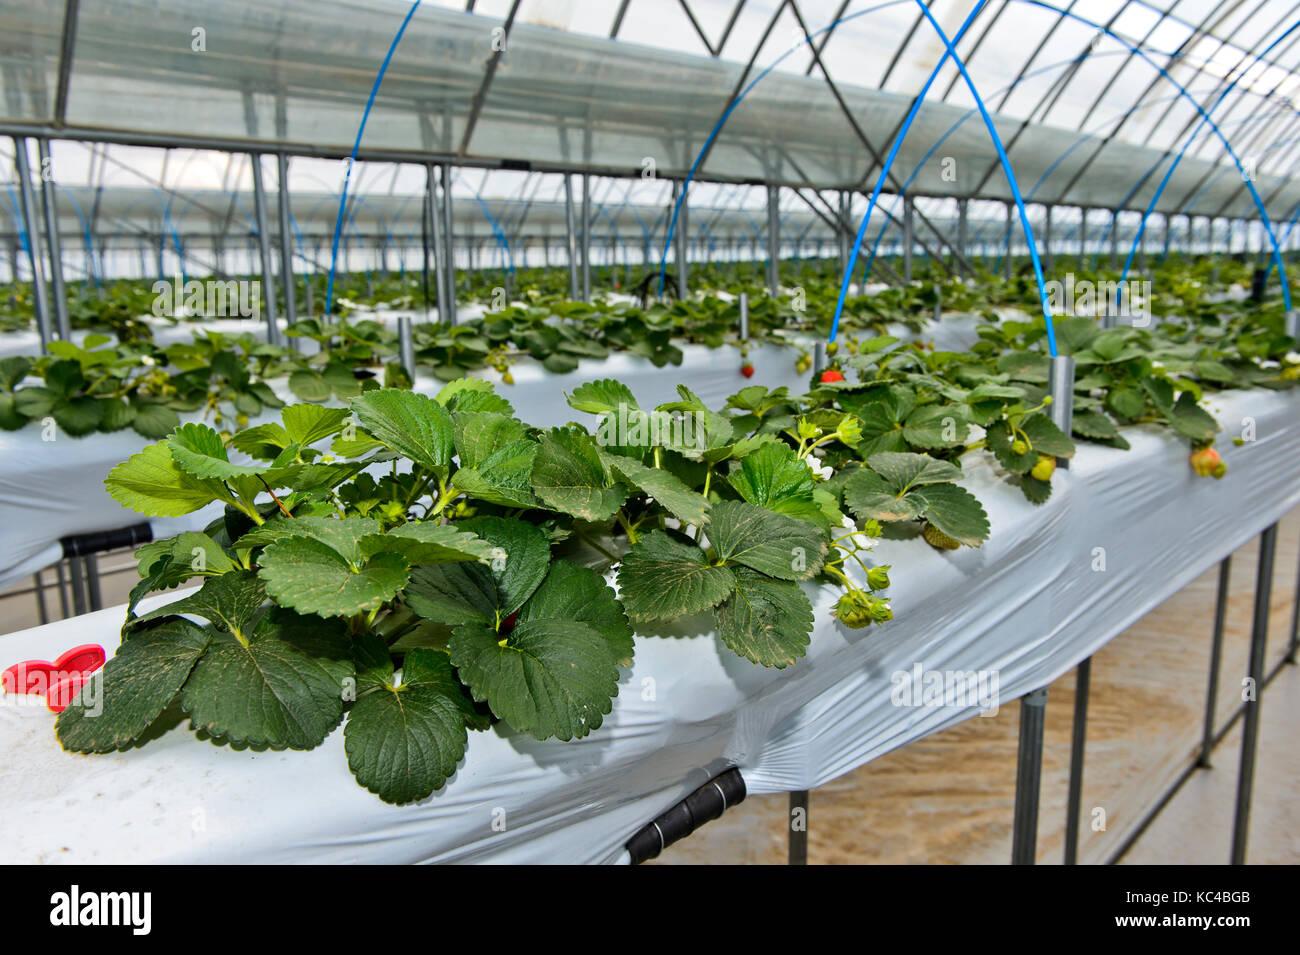 La produzione di fragole in suolo privo di substrati in una serra, sito monnaran, mongolo-giapponese di joint venture Immagini Stock